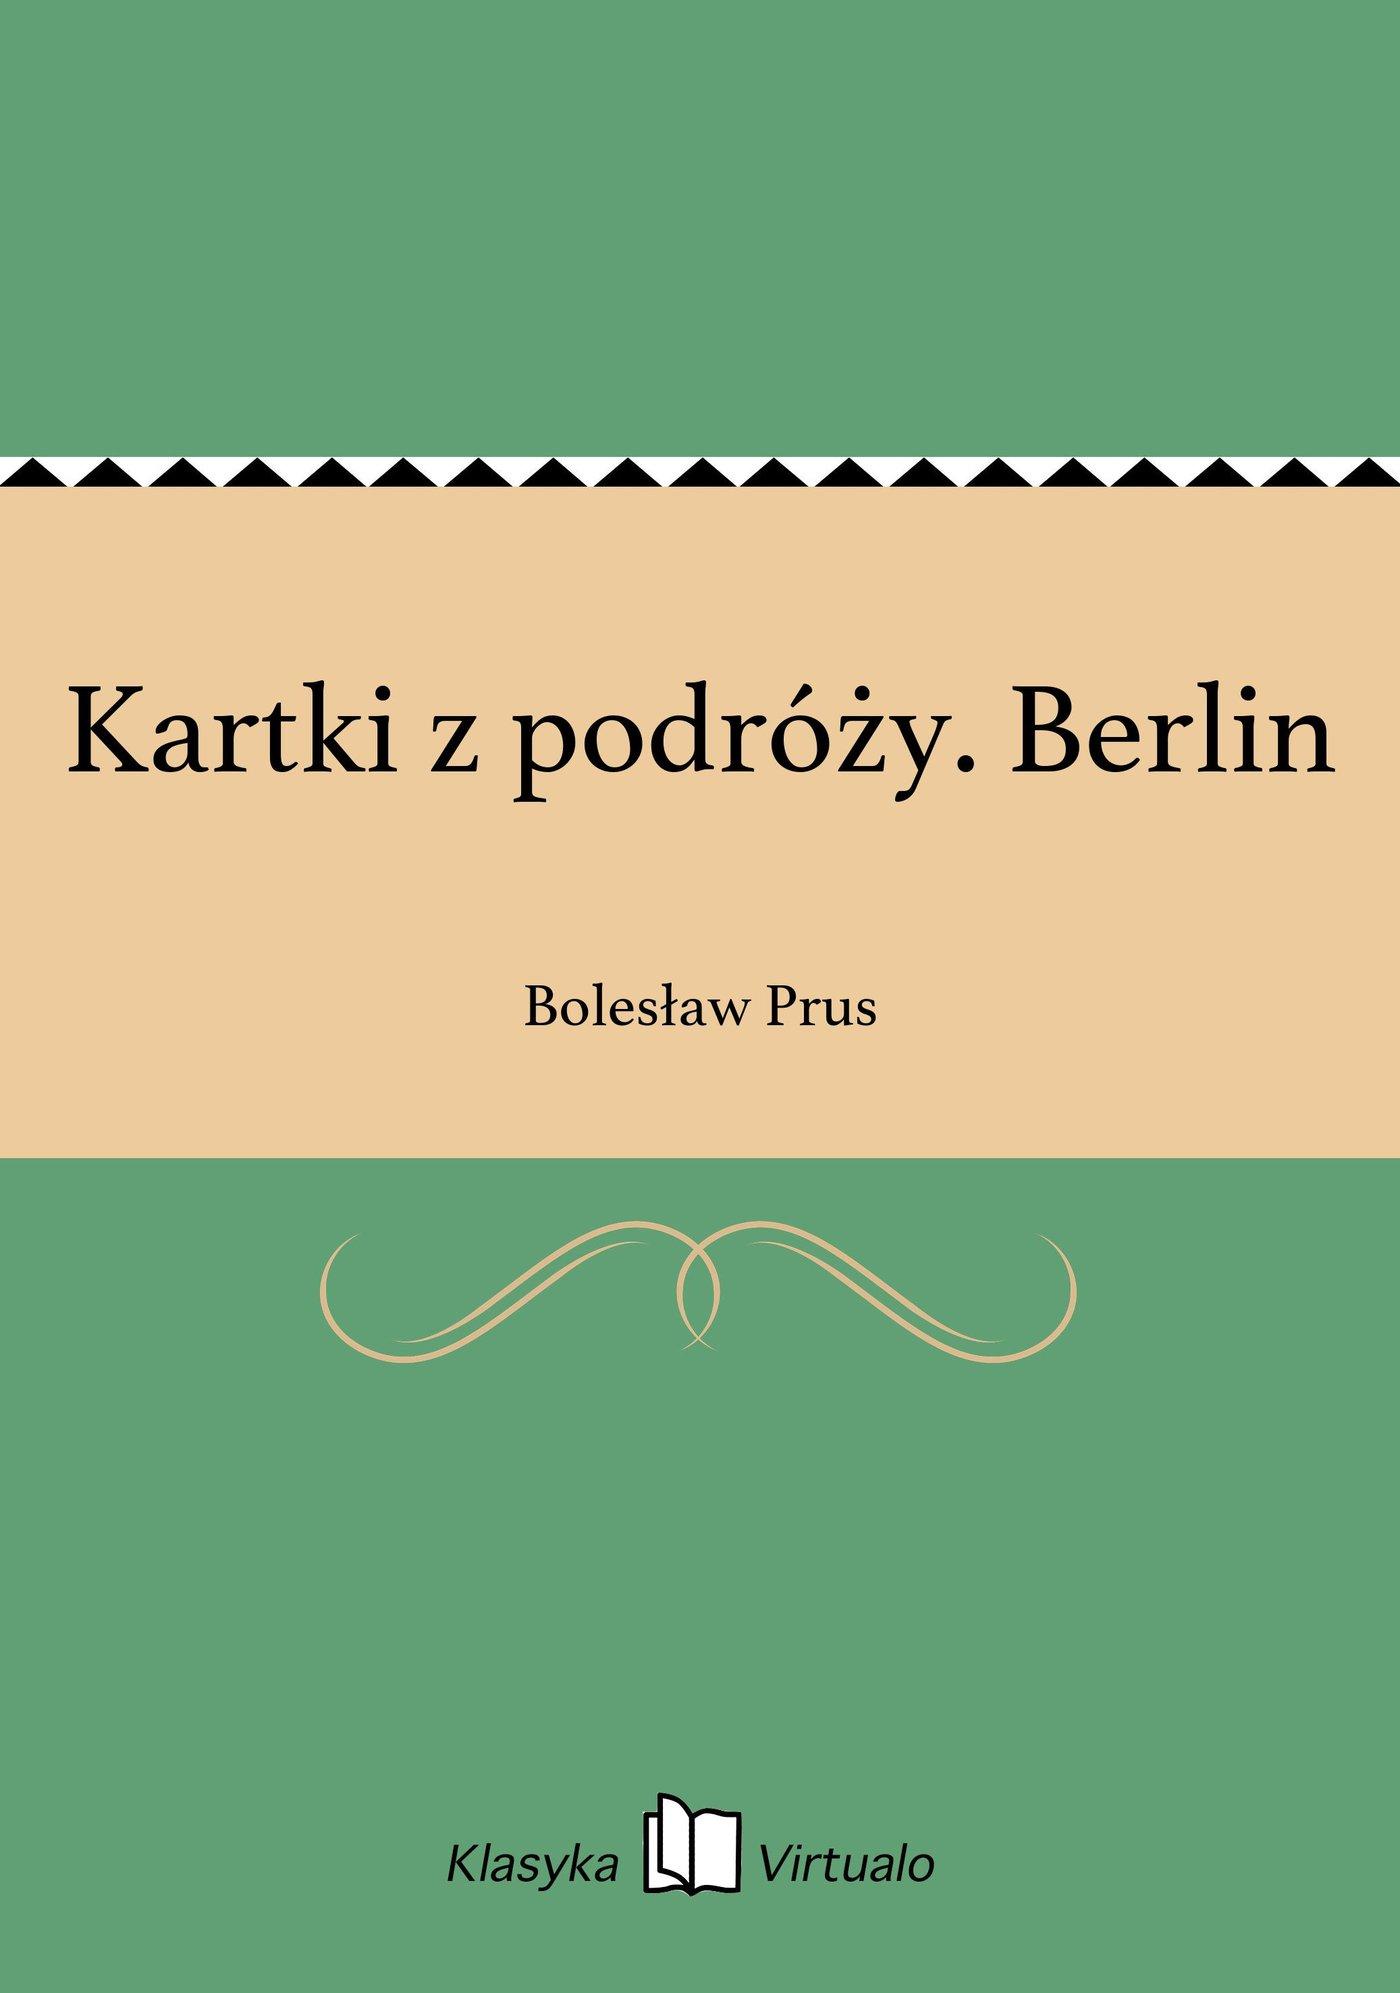 Kartki z podróży. Berlin - Ebook (Książka EPUB) do pobrania w formacie EPUB